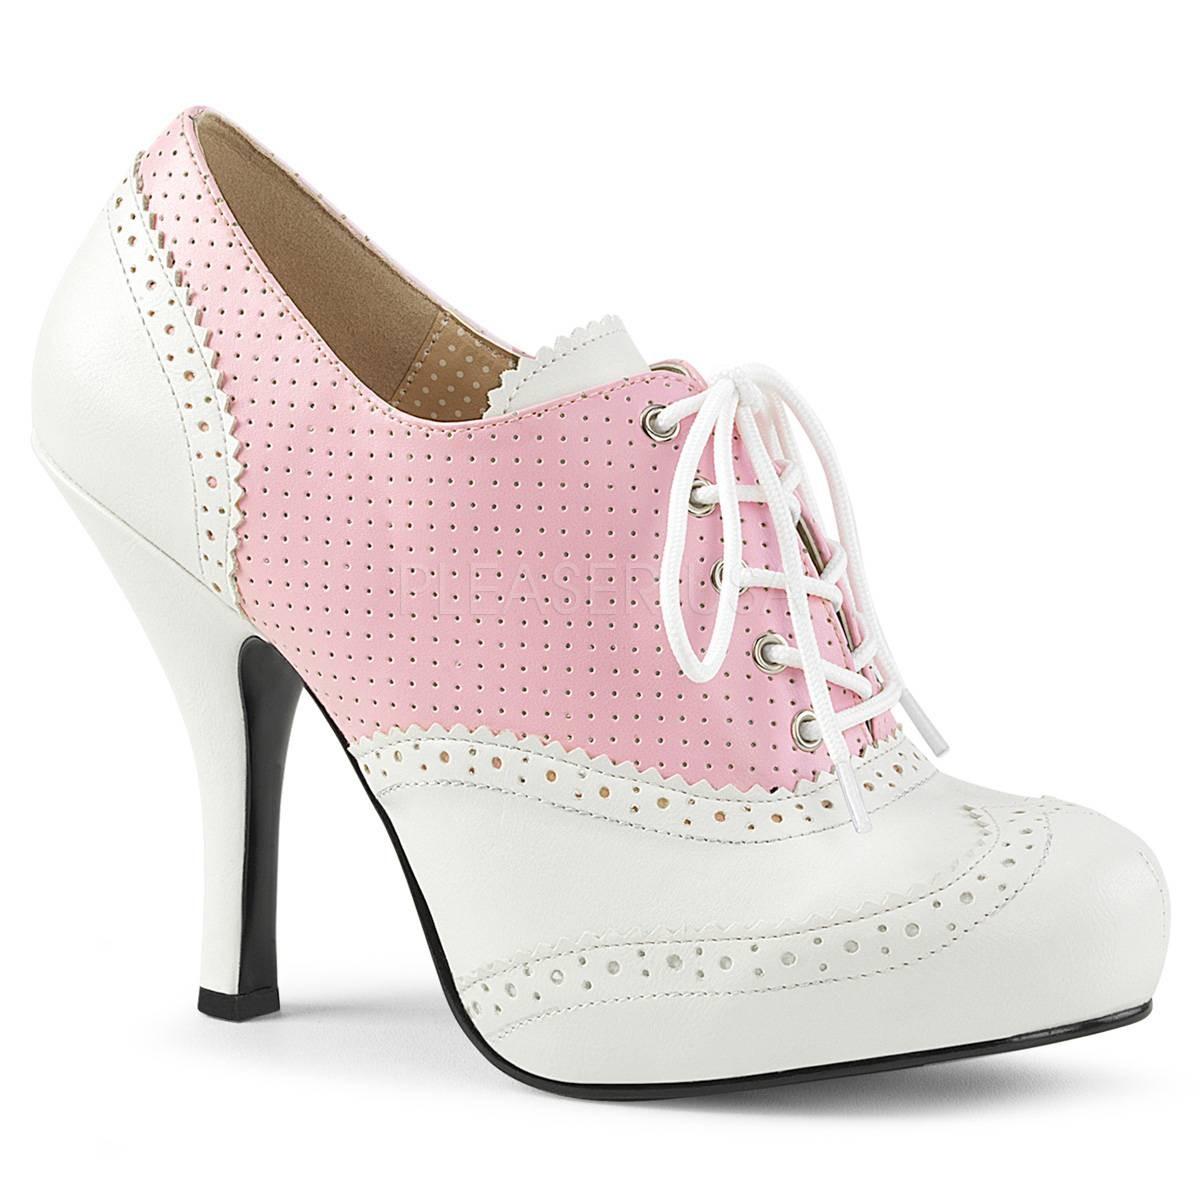 Stiefel für Frauen - PINUP 07 ° Damen Stiefelette ° RosaMatt ° Pleaser Pink Label  - Onlineshop RedSixty